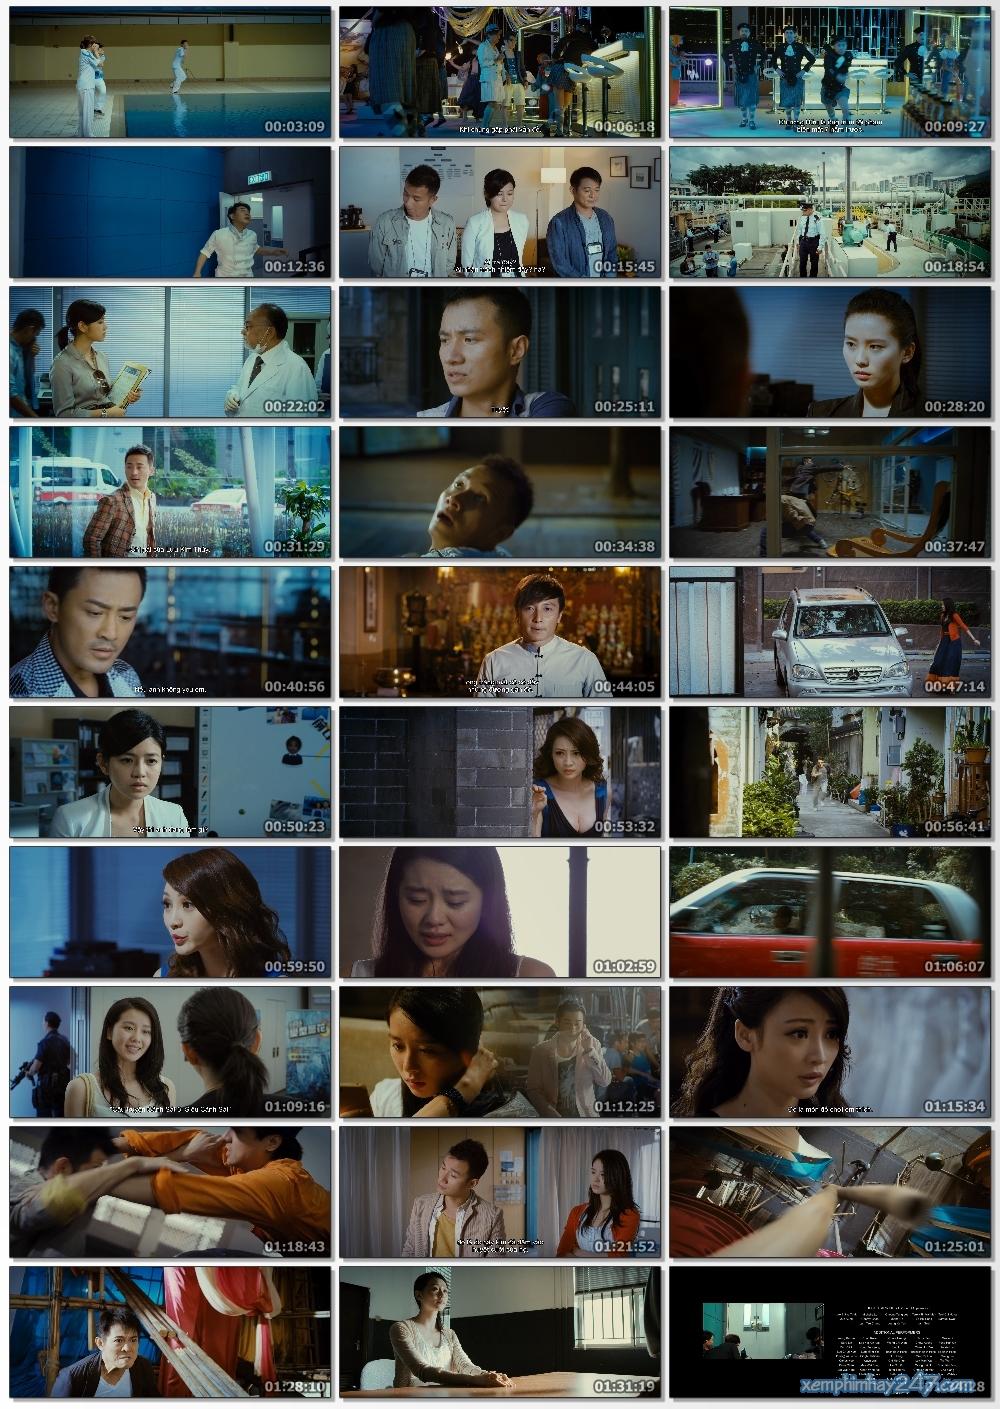 http://xemphimhay247.com - Xem phim hay 247 - Bất Nhị Thần Thám (2013) - Badges Of Fury (2013)